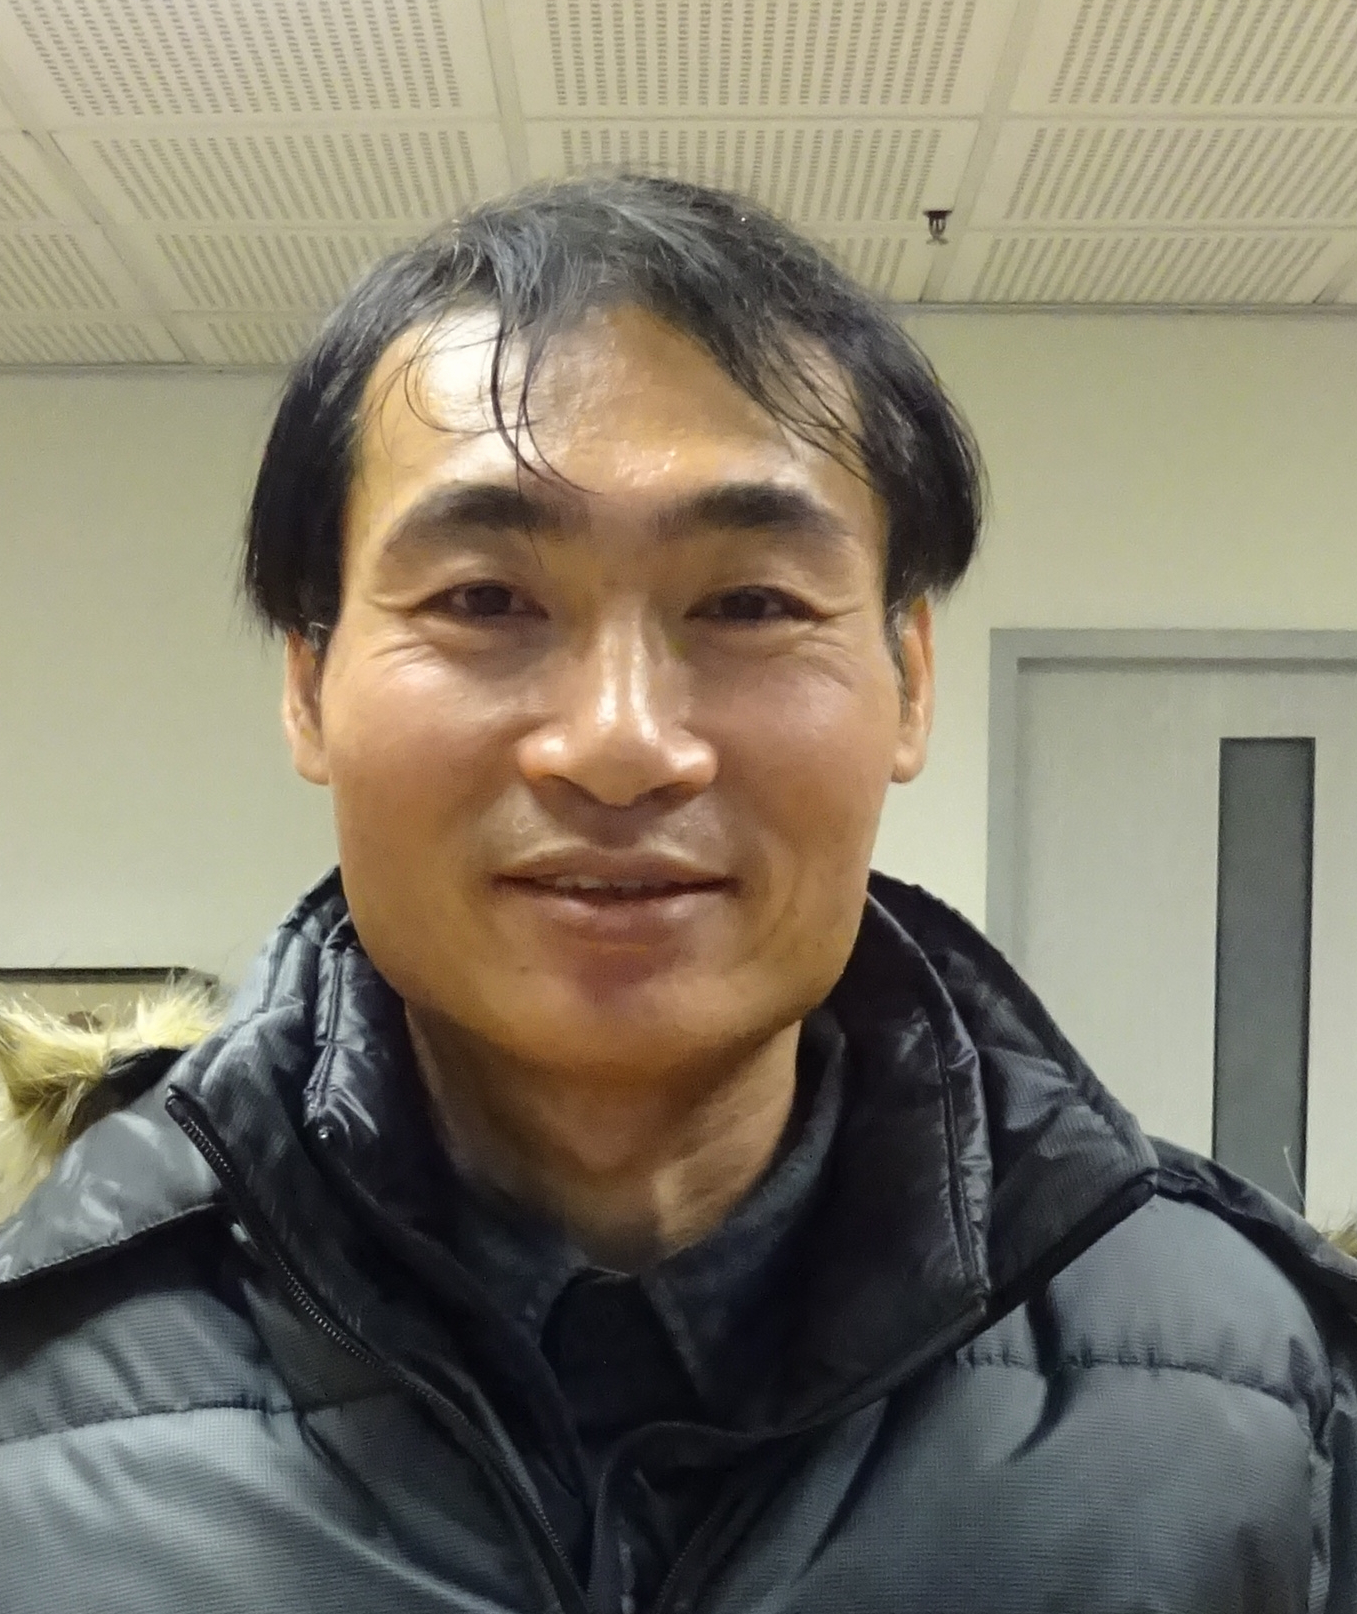 高雄市政府 工務局建管處 李清芳 課長